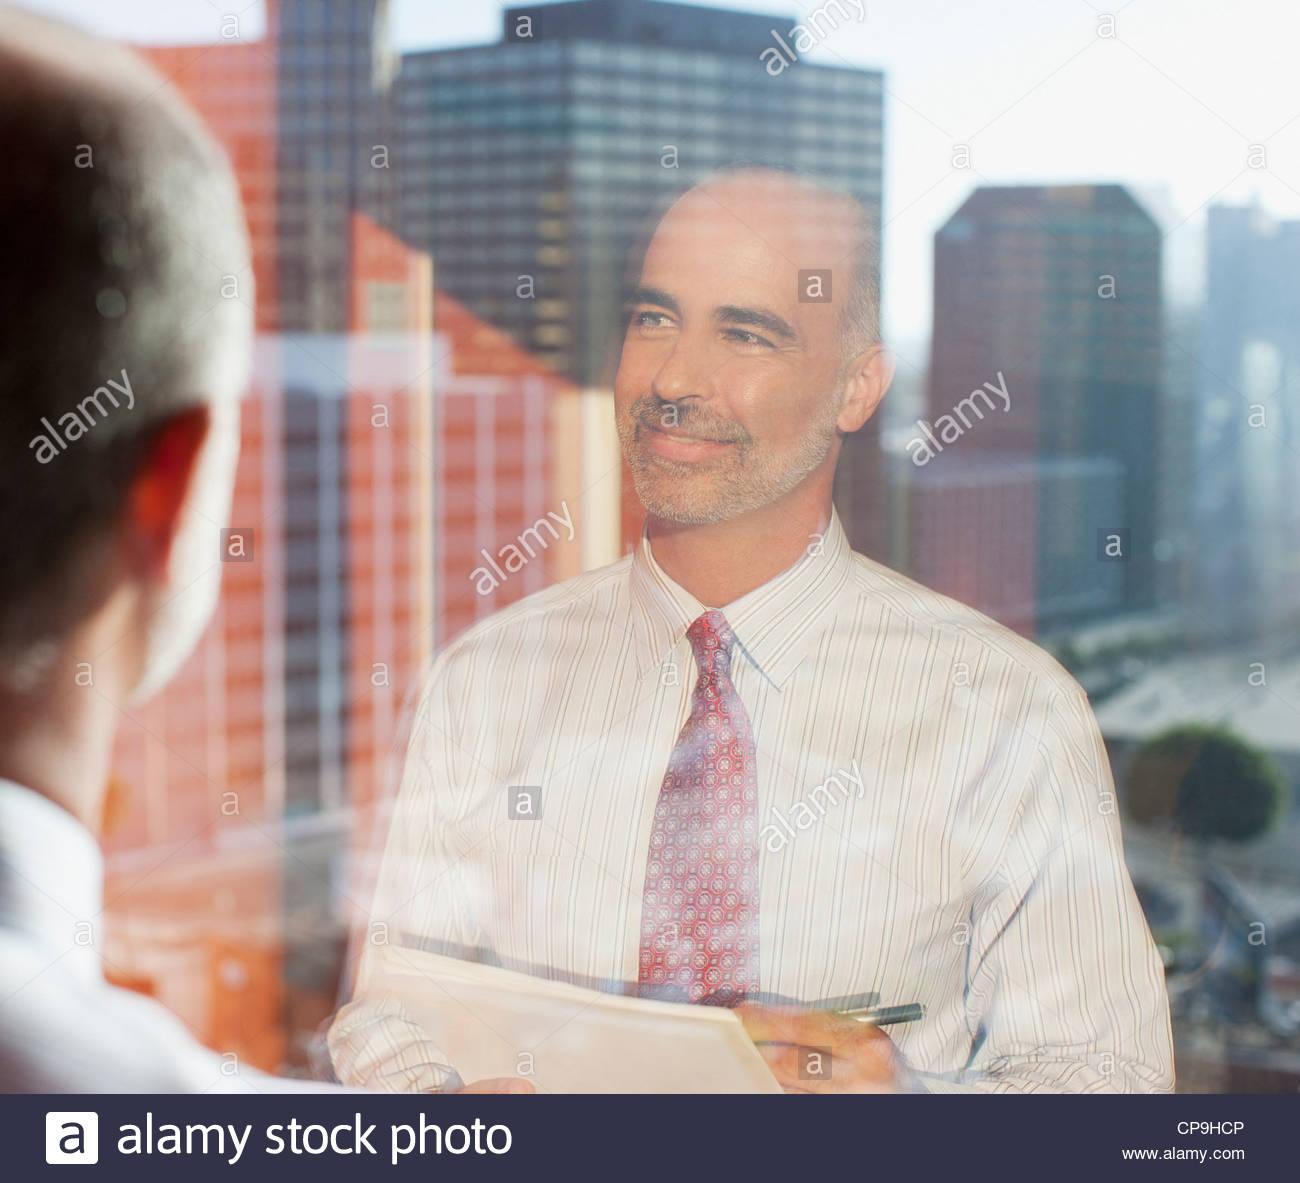 50-54 ans,ambition,bald,business,tenue,man,california,la ville,image,couleur,jour,le bonheur et la tête Photo Stock